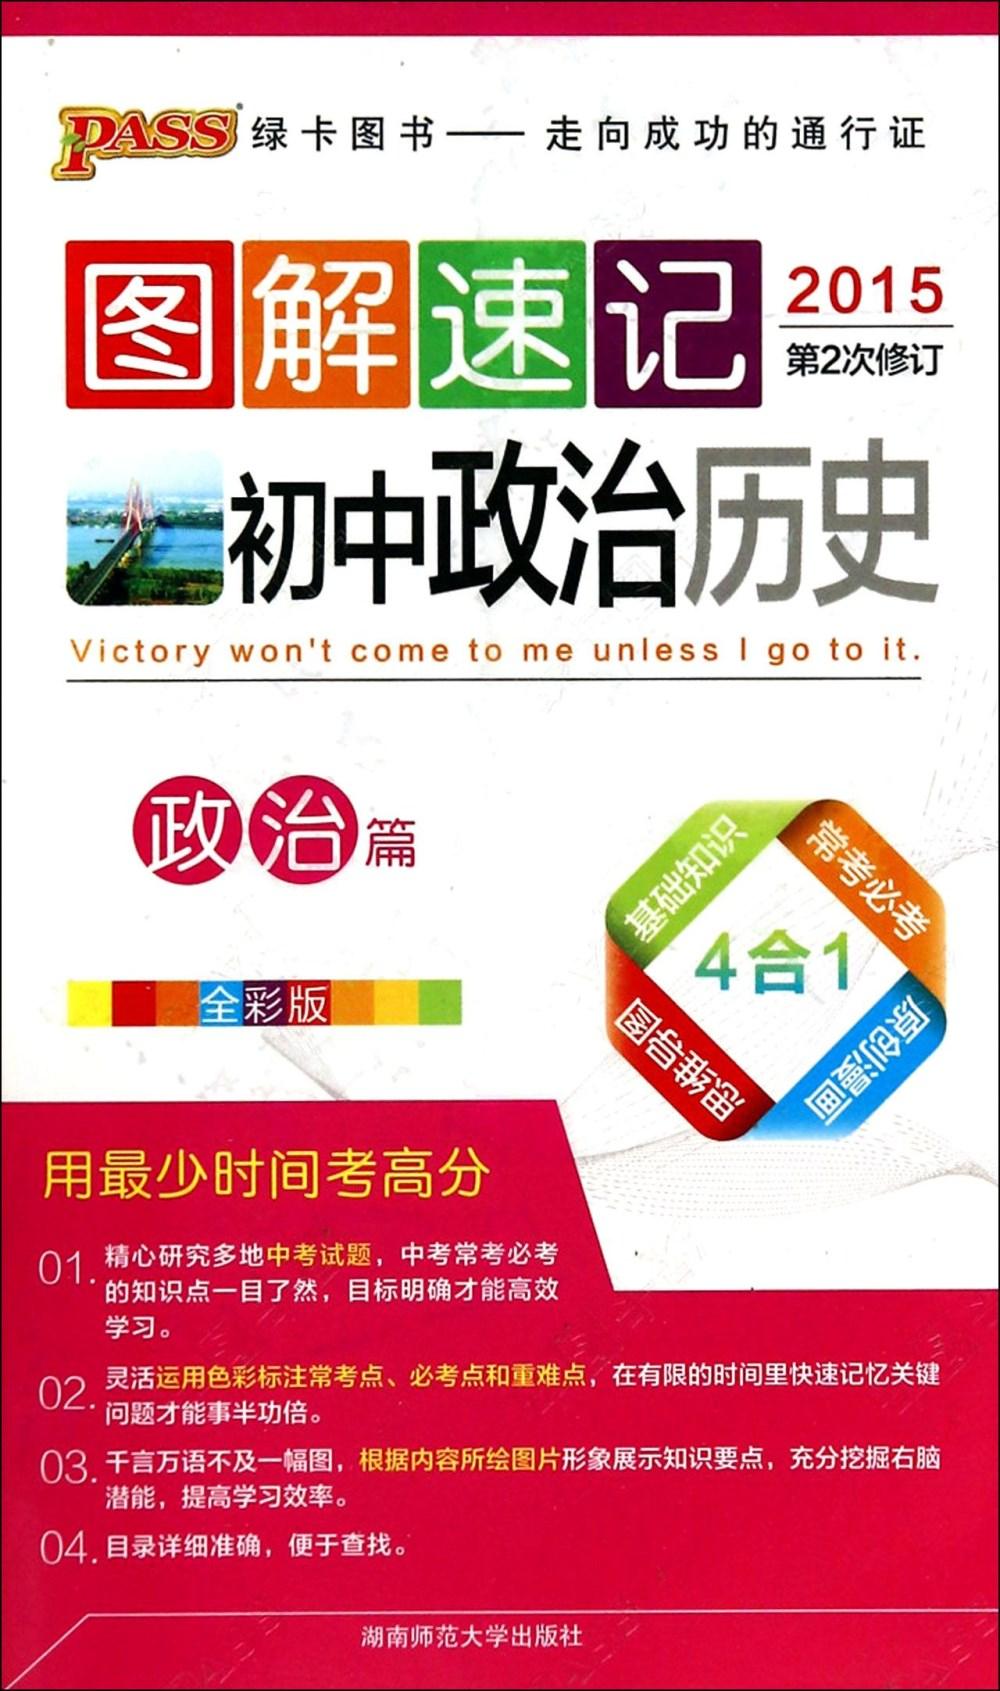 2015 圖解速記初中政治歷史